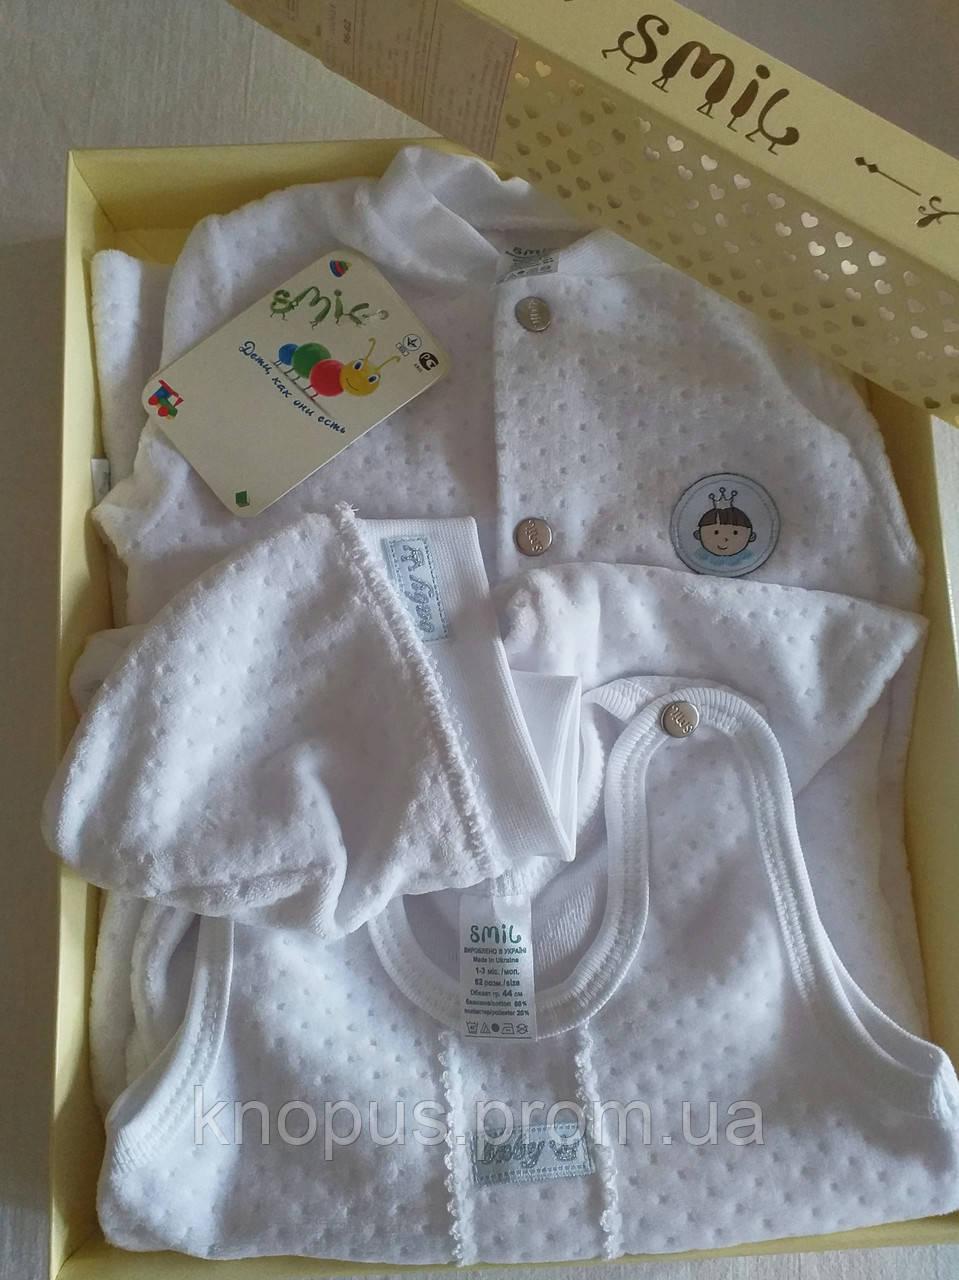 Нарядный велюровый комплект для новорожденного  в подарочной коробке, белый, СМИЛ, размер 62